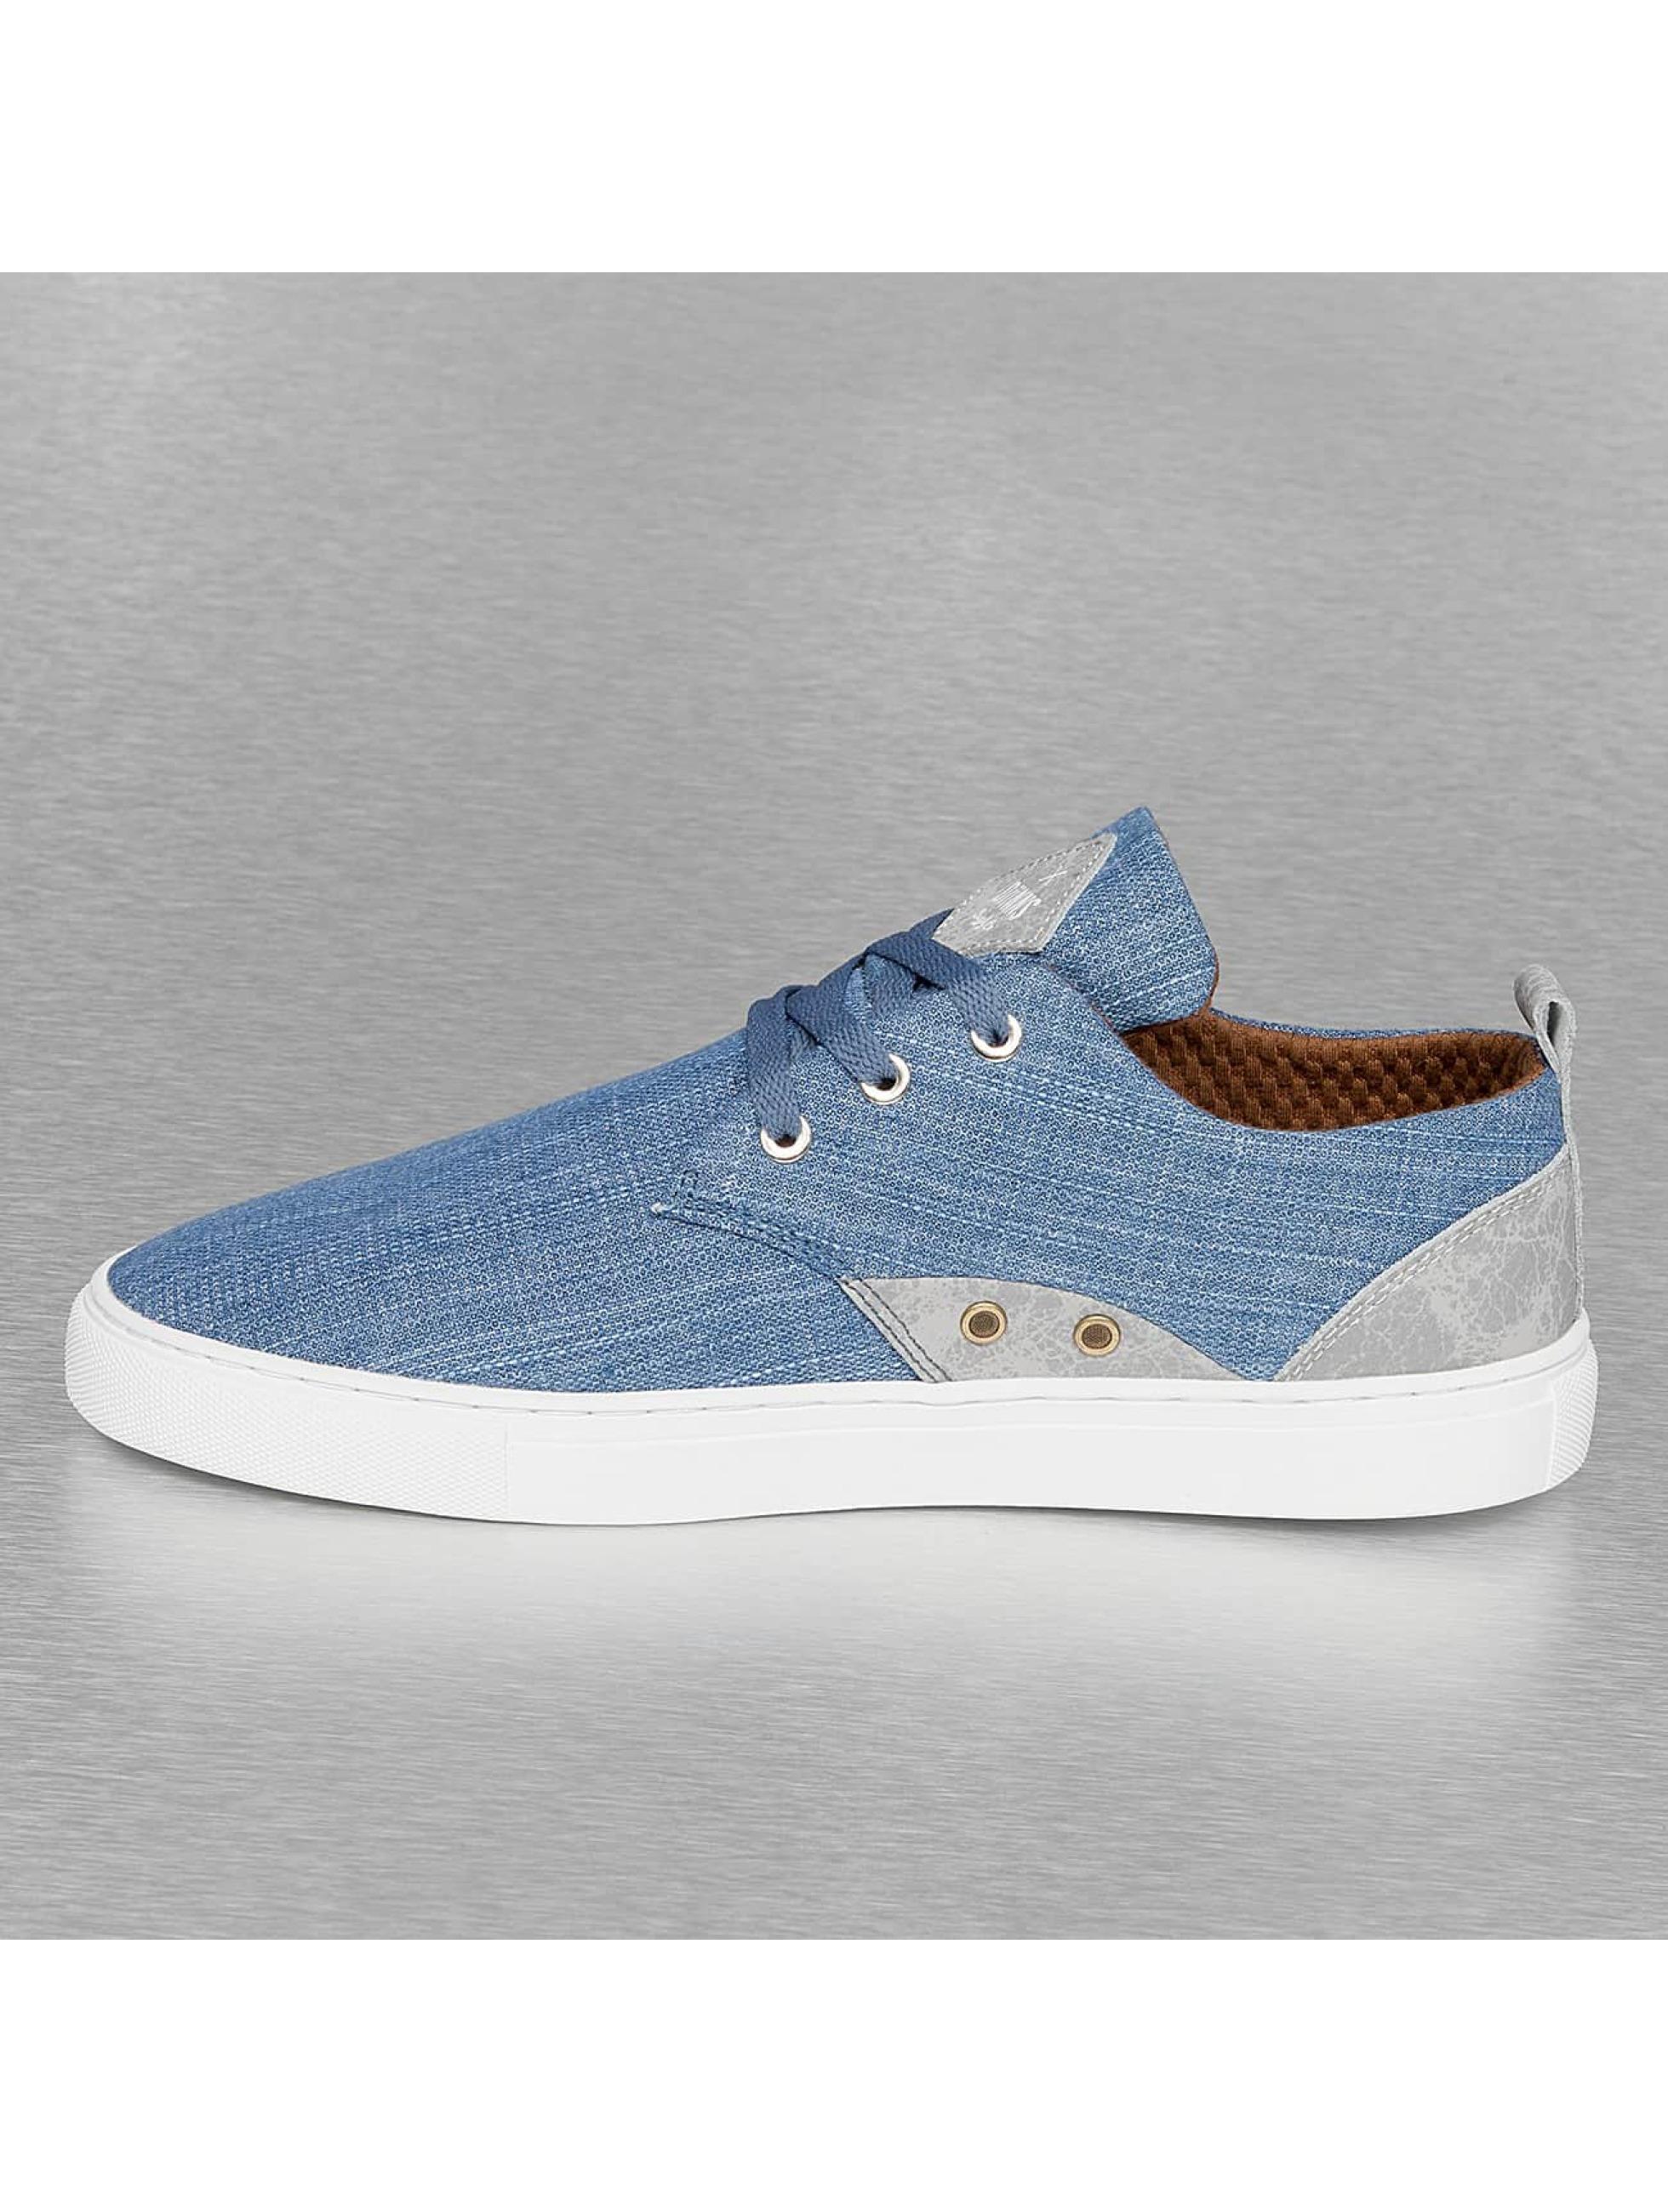 Djinns sneaker Denim 3.0 Low Lau 2.0 blauw